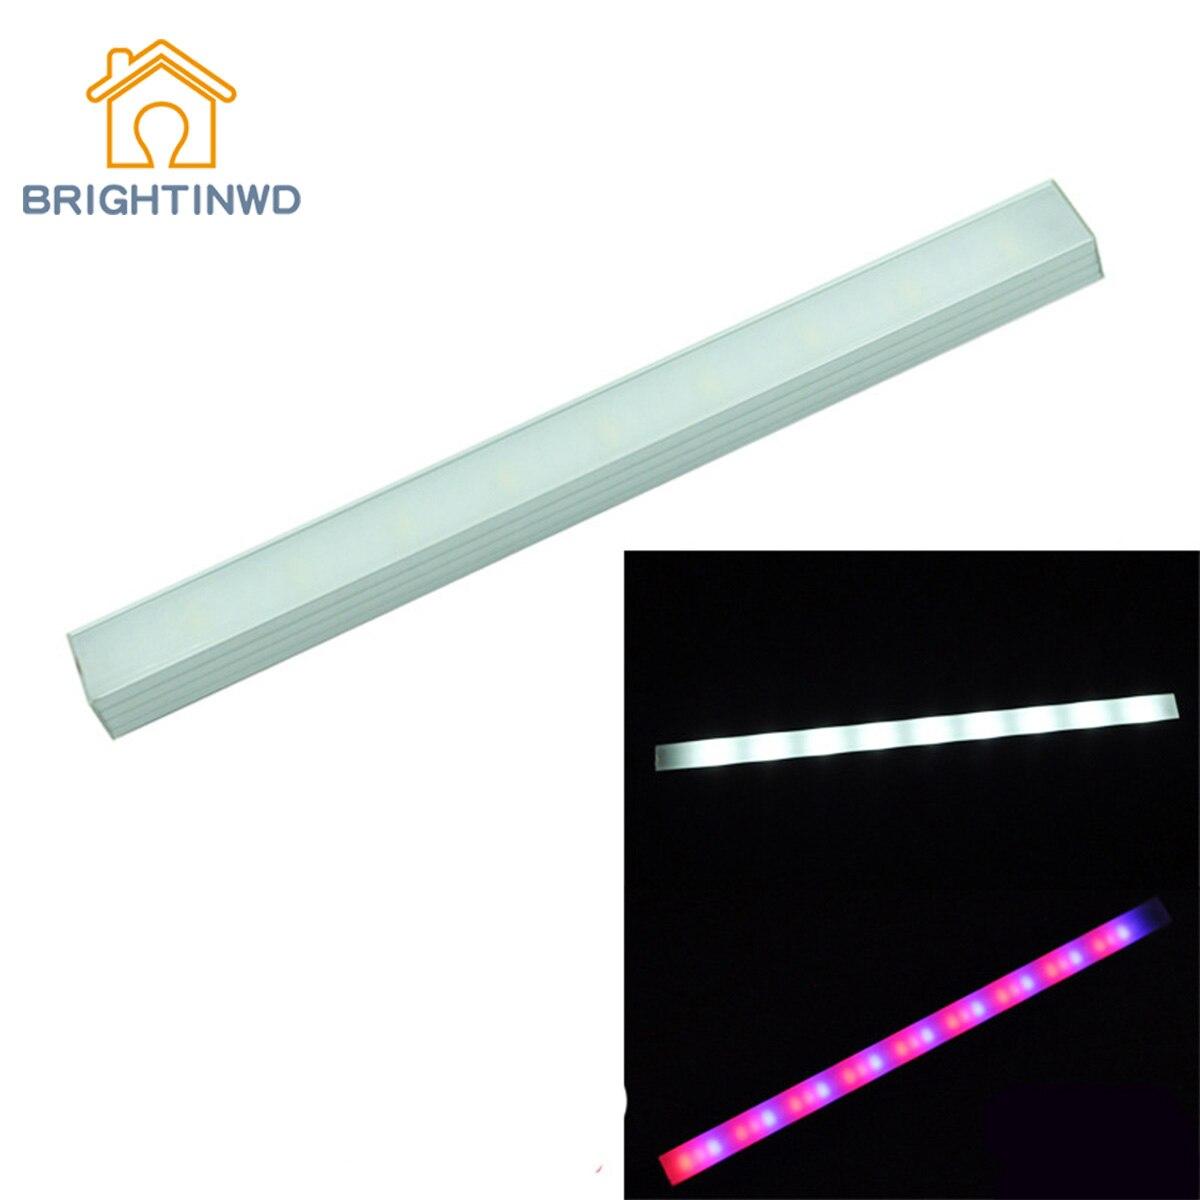 Brightinwd светодиодный завода светать USB завод освещения цветок интерьер имитация солнечного света заполнить свет затемнения ...